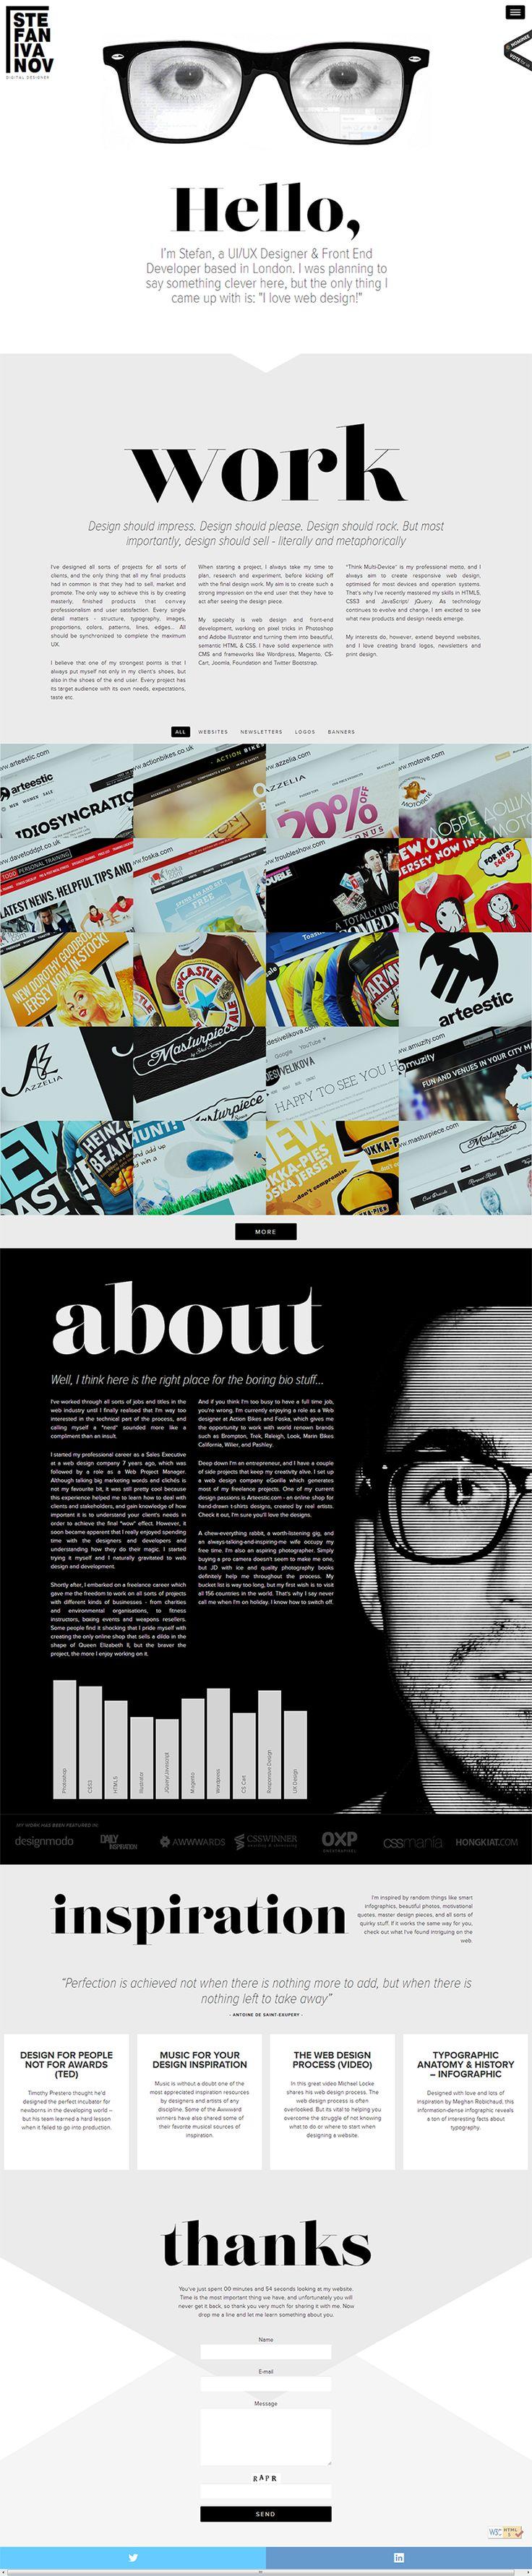 http://stefivanov.com/ Design a Better Tomorrow. http://www.nevernorth.com #webdesign, #freelance, #graphic design